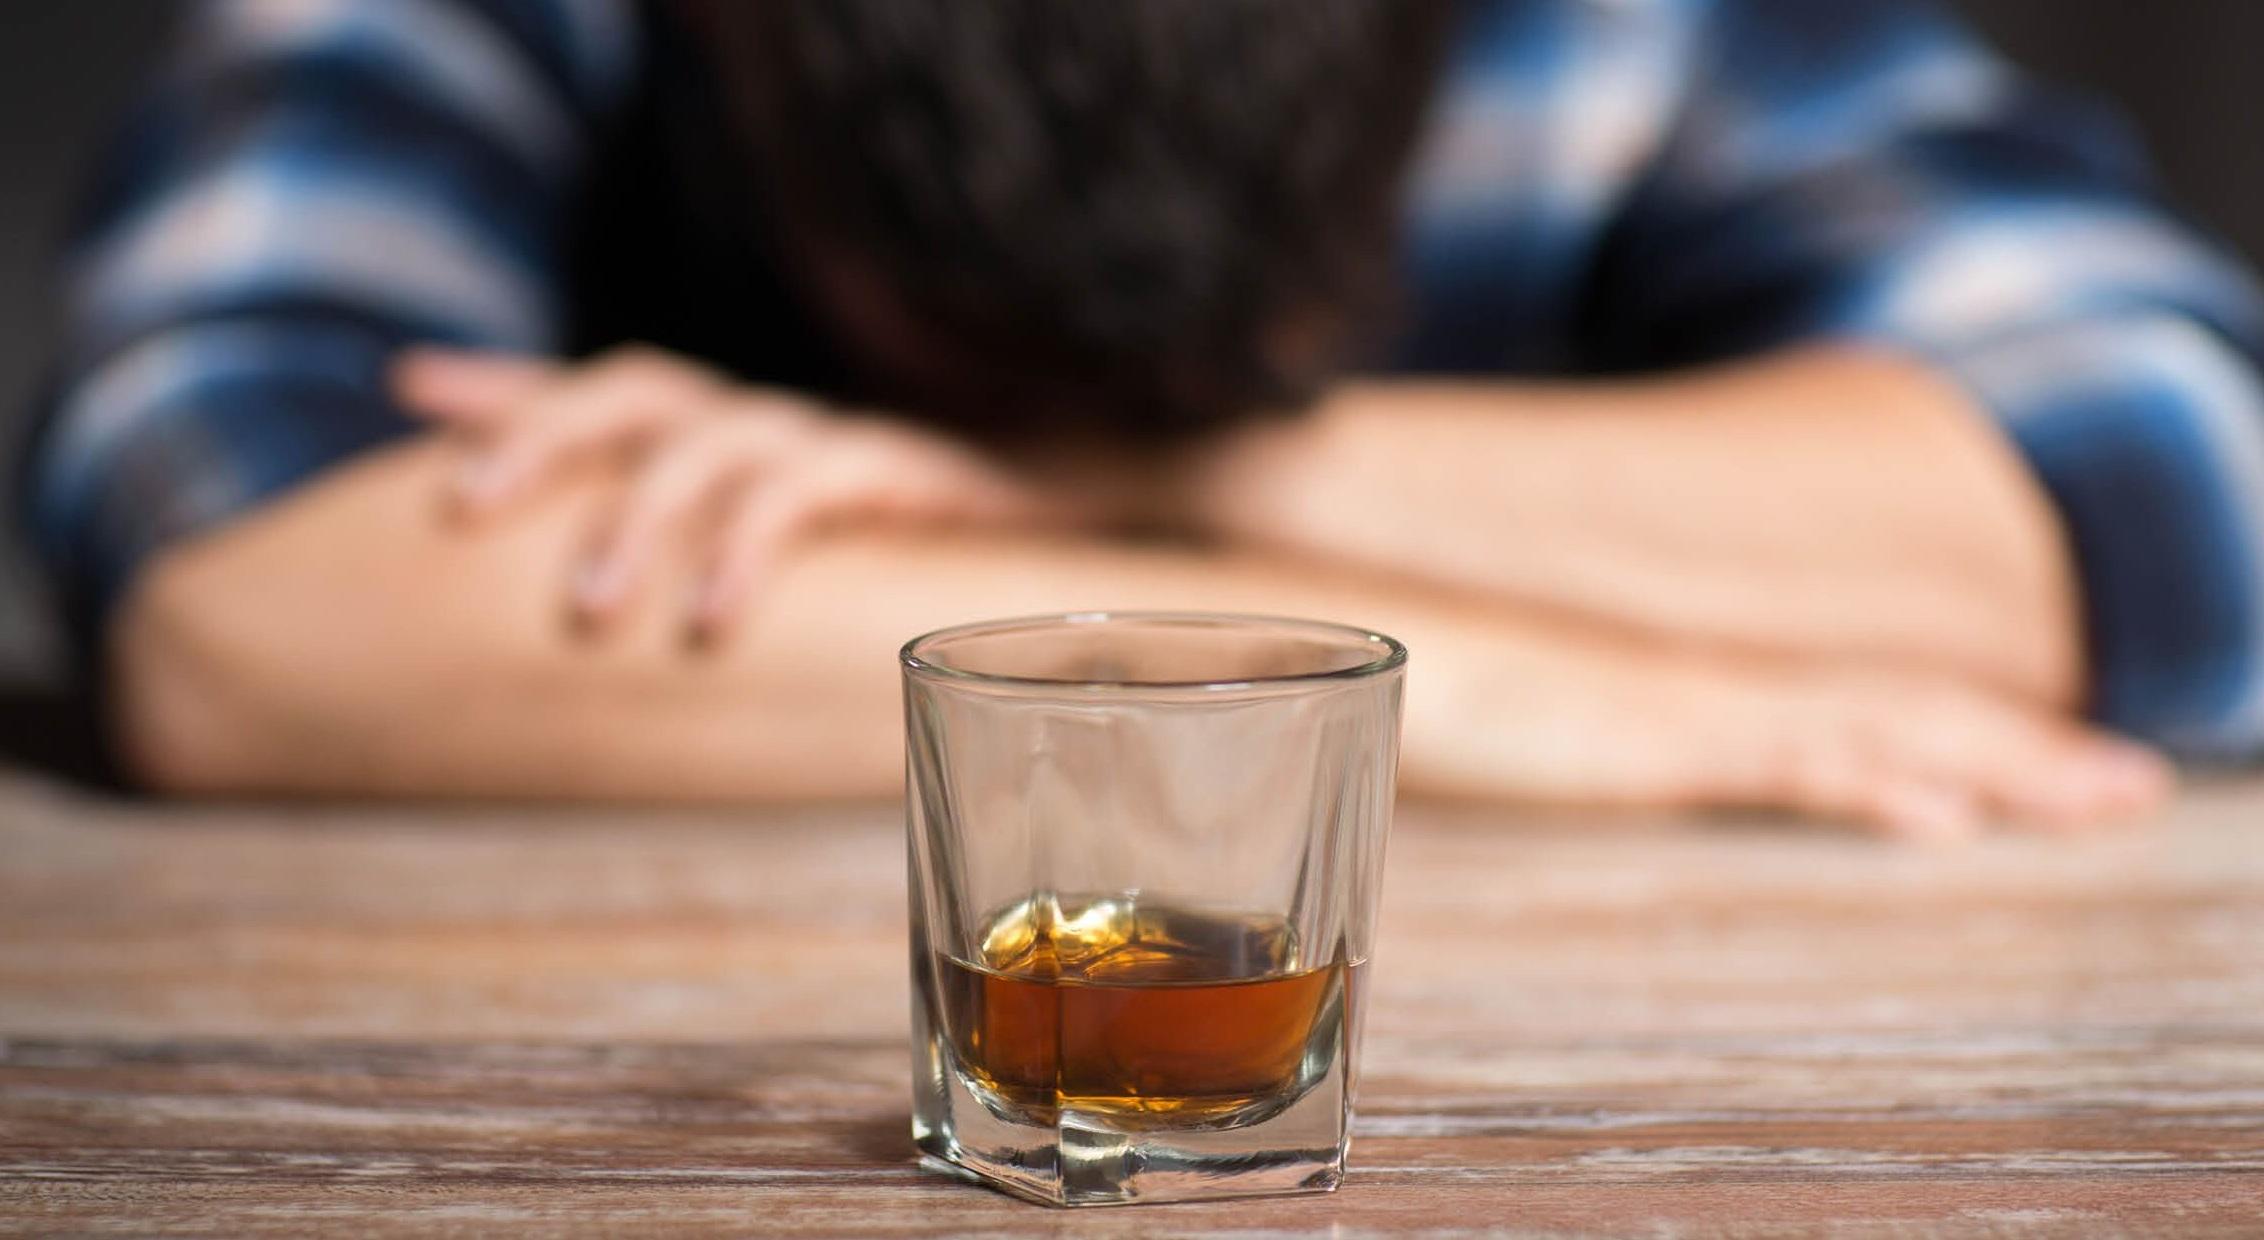 Bia rượu đứng top 3 trong nhóm những nguyên nhân hàng đầu gây tử vong ở Mỹ